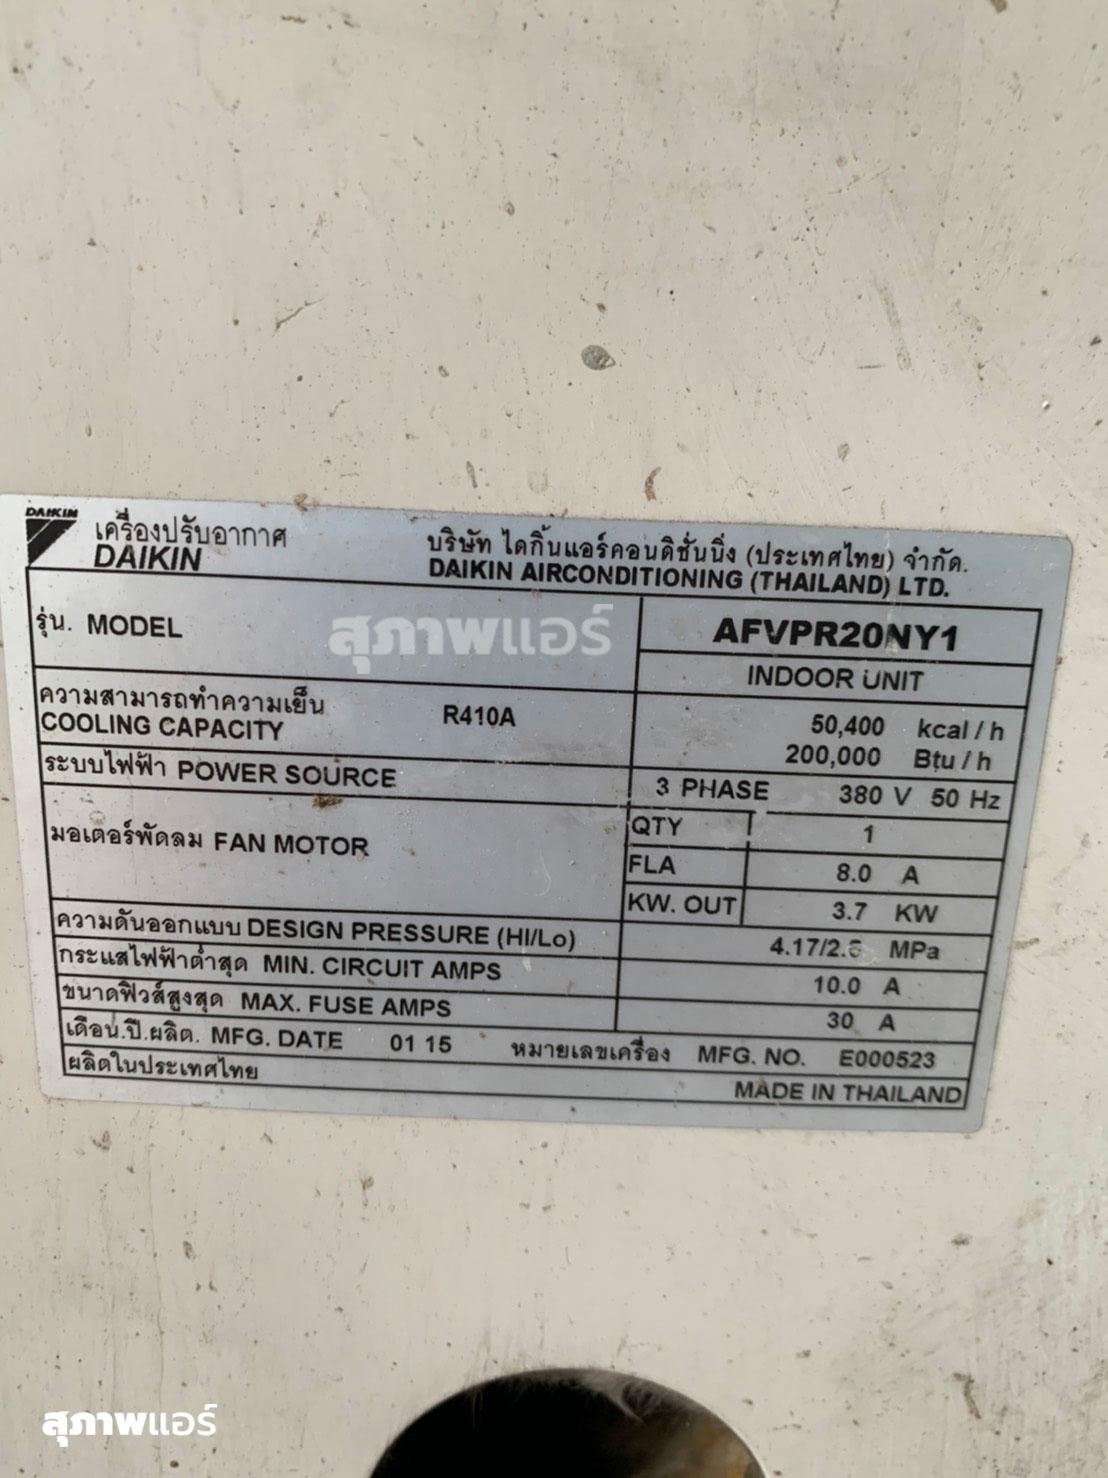 แอร์มือสอง Daikin แบบตู้ตั้งพื้น ขนาด 200,000BTU